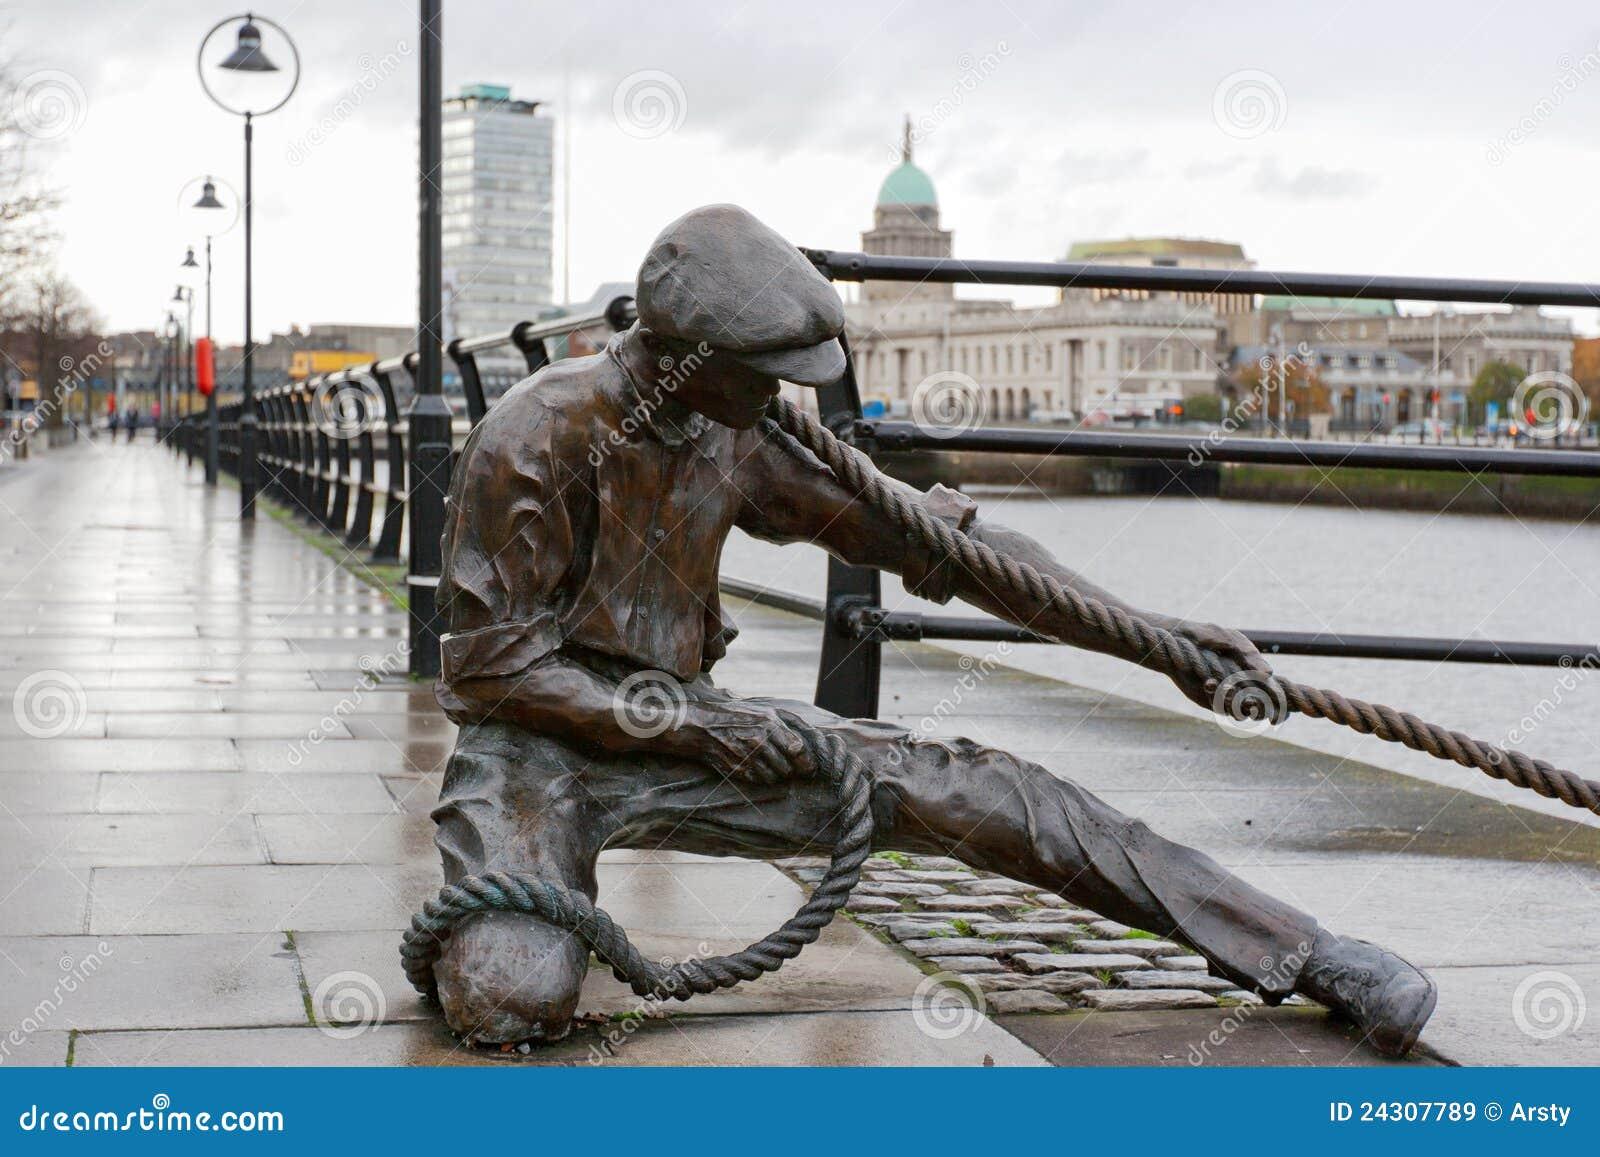 Het standbeeld van de Grensrechter. Dublin, Ierland